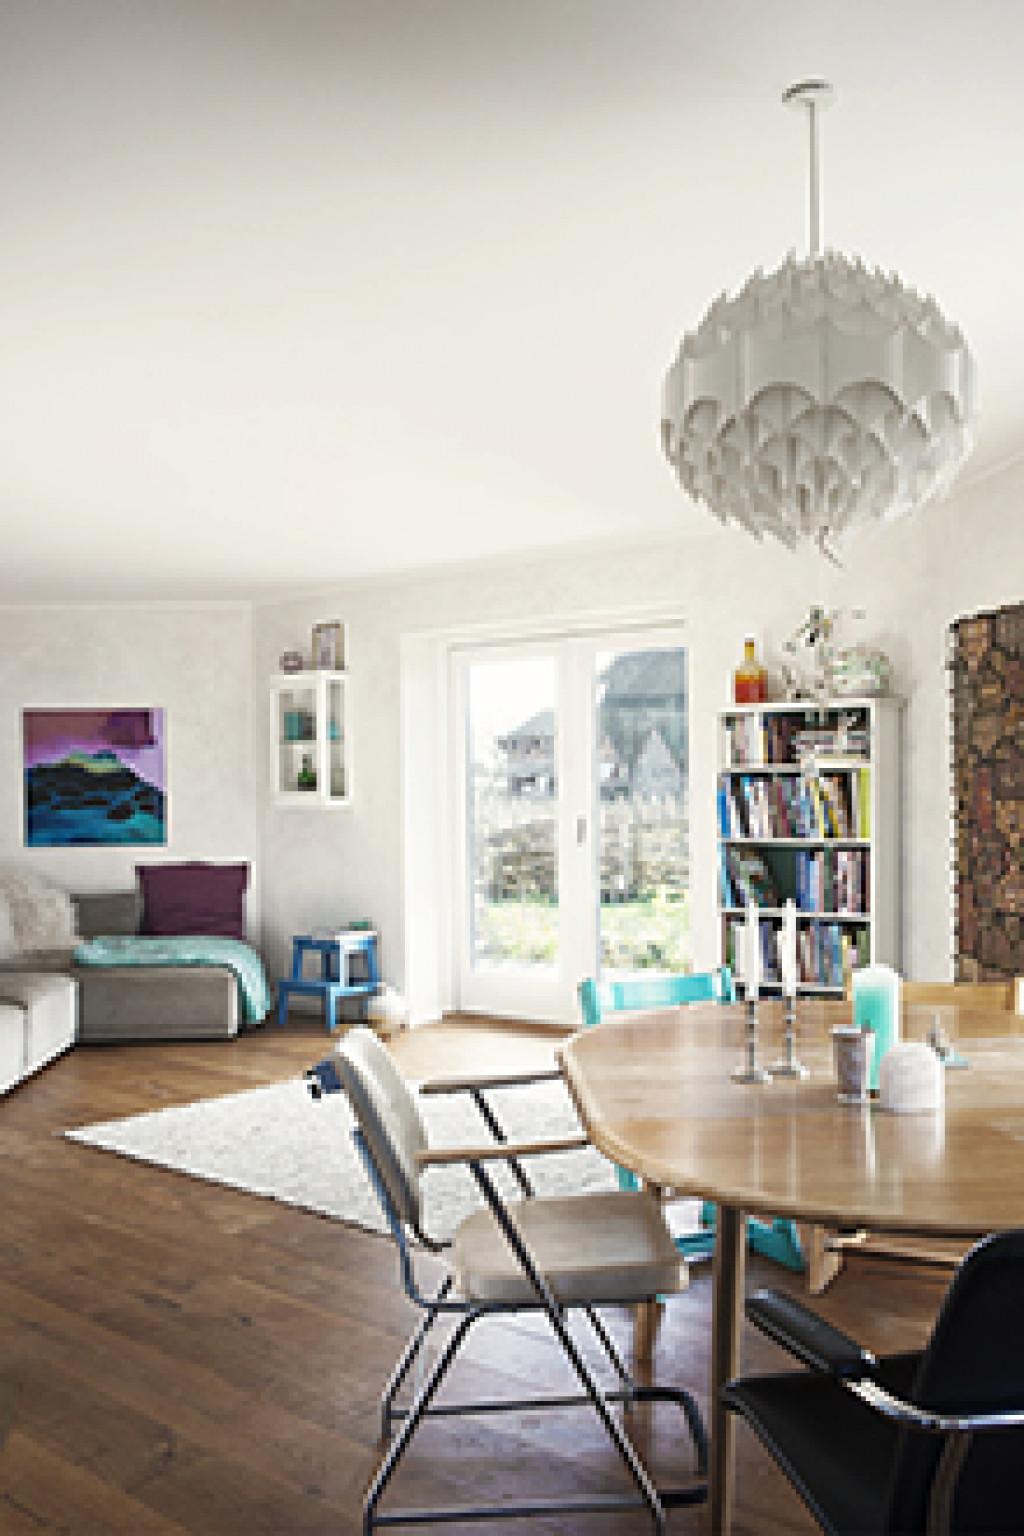 Dejligt hus i økolandsbyen Hallingelille ved Ringsted - mias_hus_6_158fee52dfdf085a95cea68e0dcb4e5b